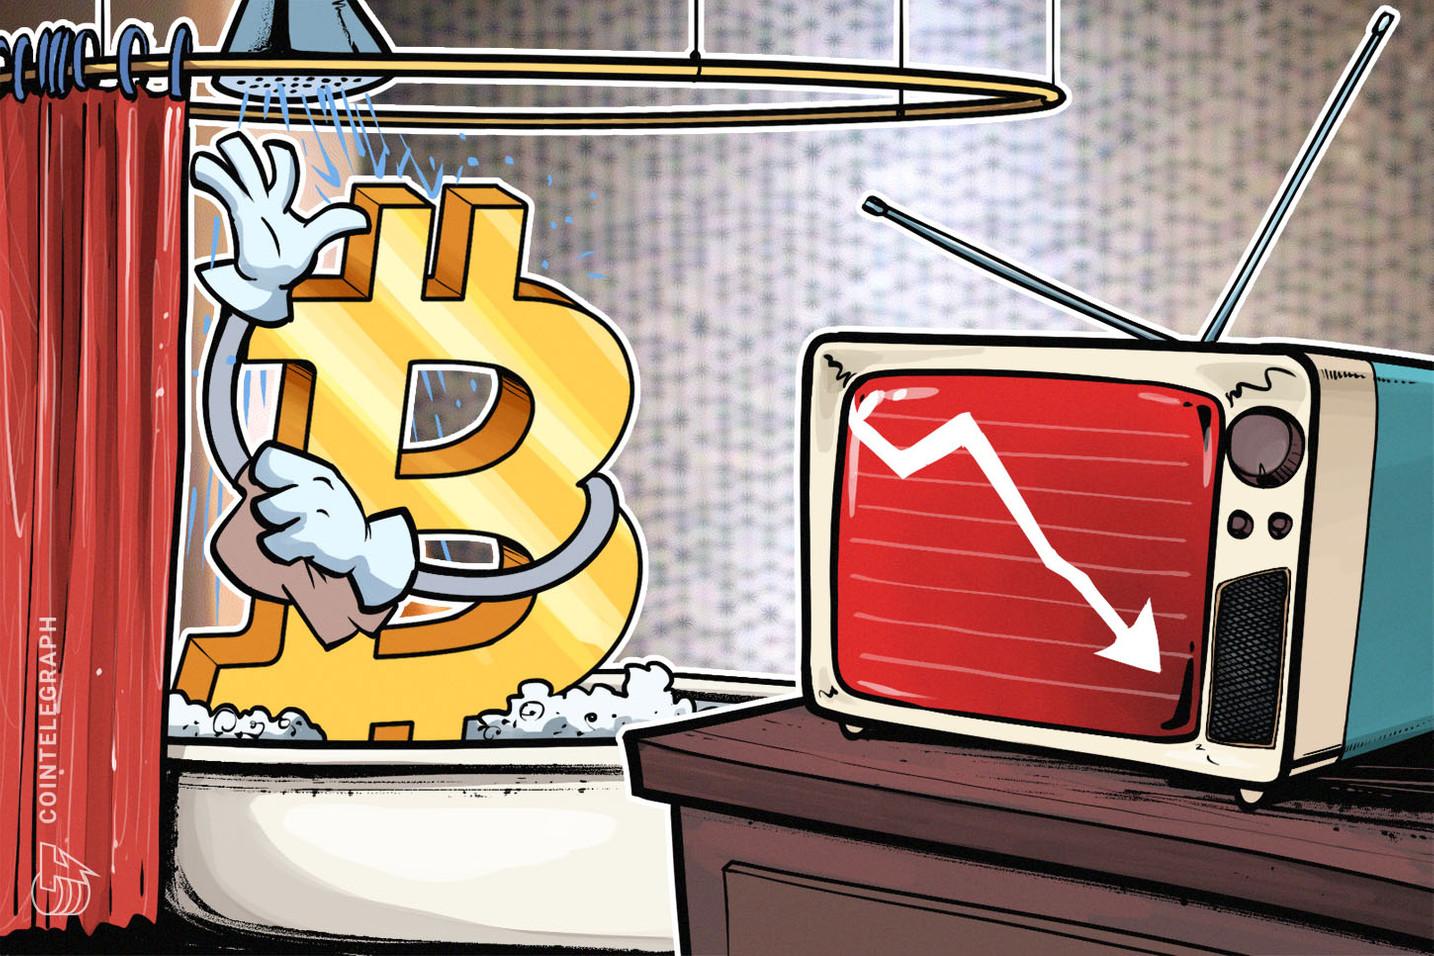 El precio de Bitcoin retrocede a USD 8.5K entrando a la última semana antes del halving